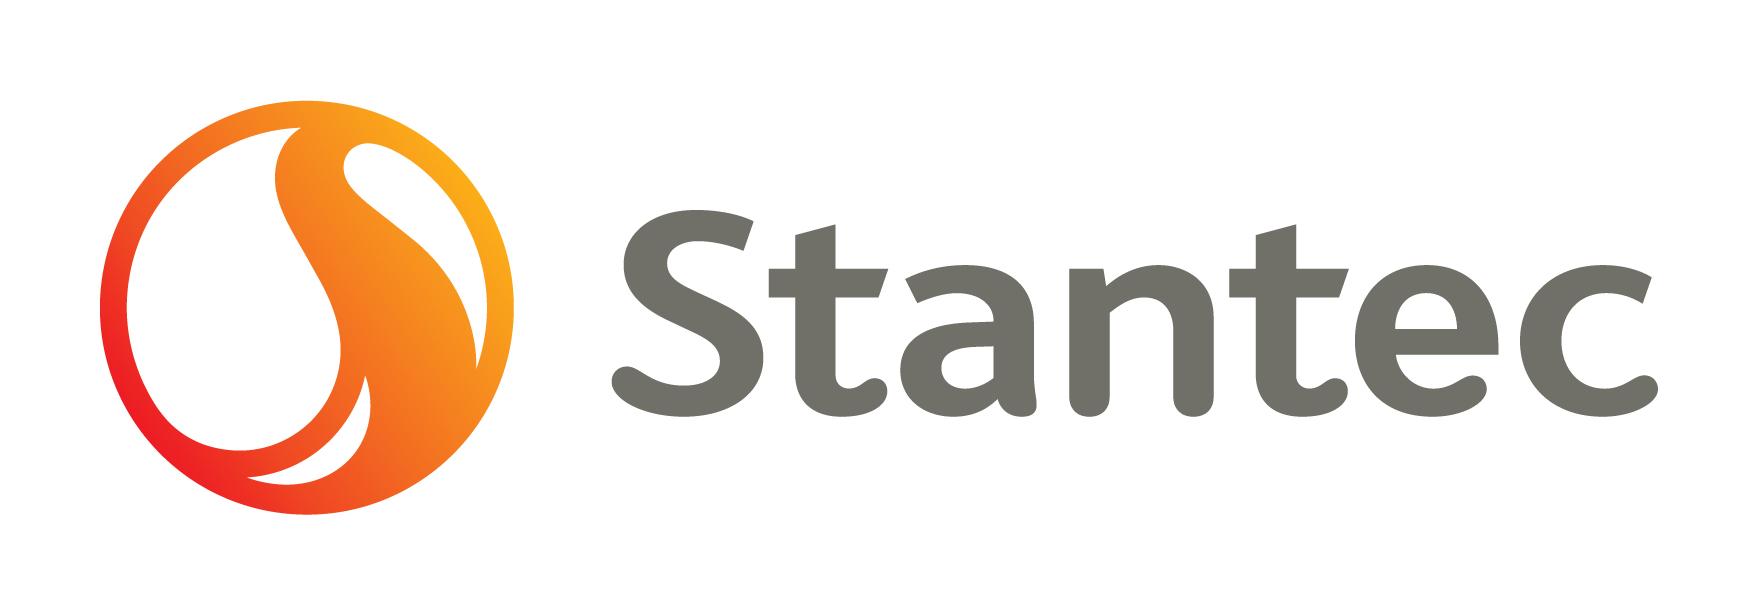 Major Benefactor - Stantec  - Logo